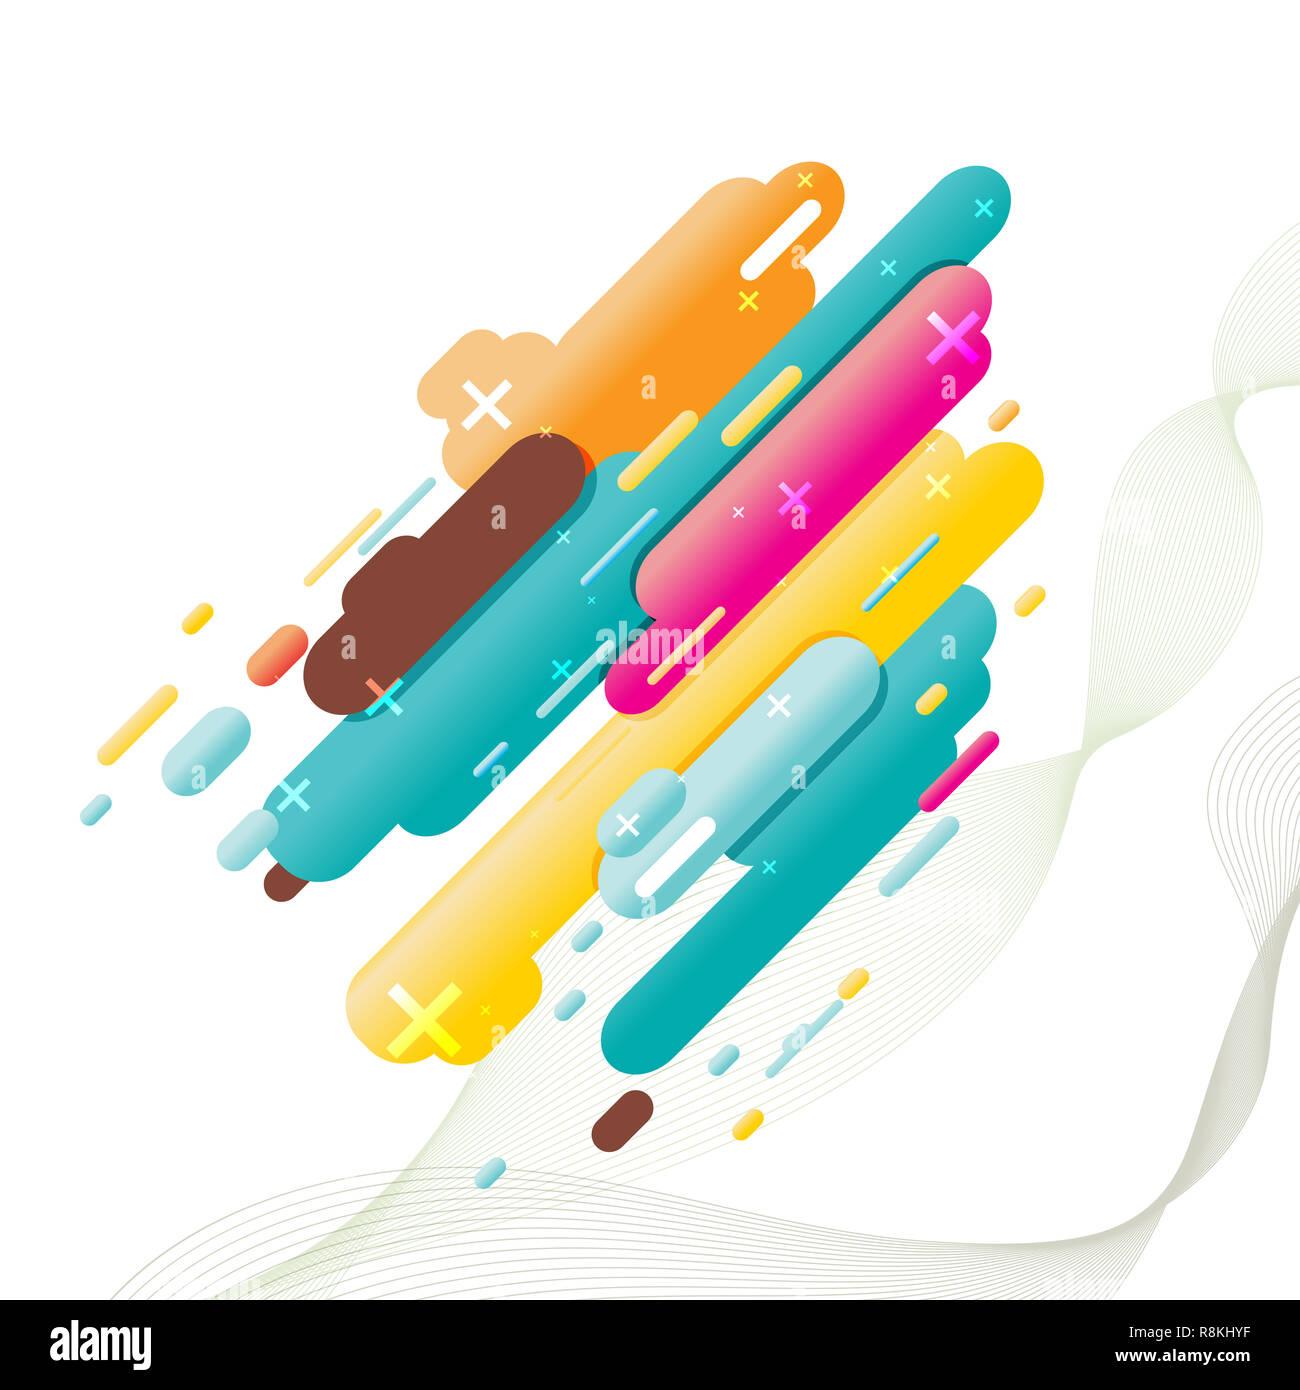 Stile moderno sfondo astratto per la progettazione. Vettore, illustrazione, eps10. Immagini Stock